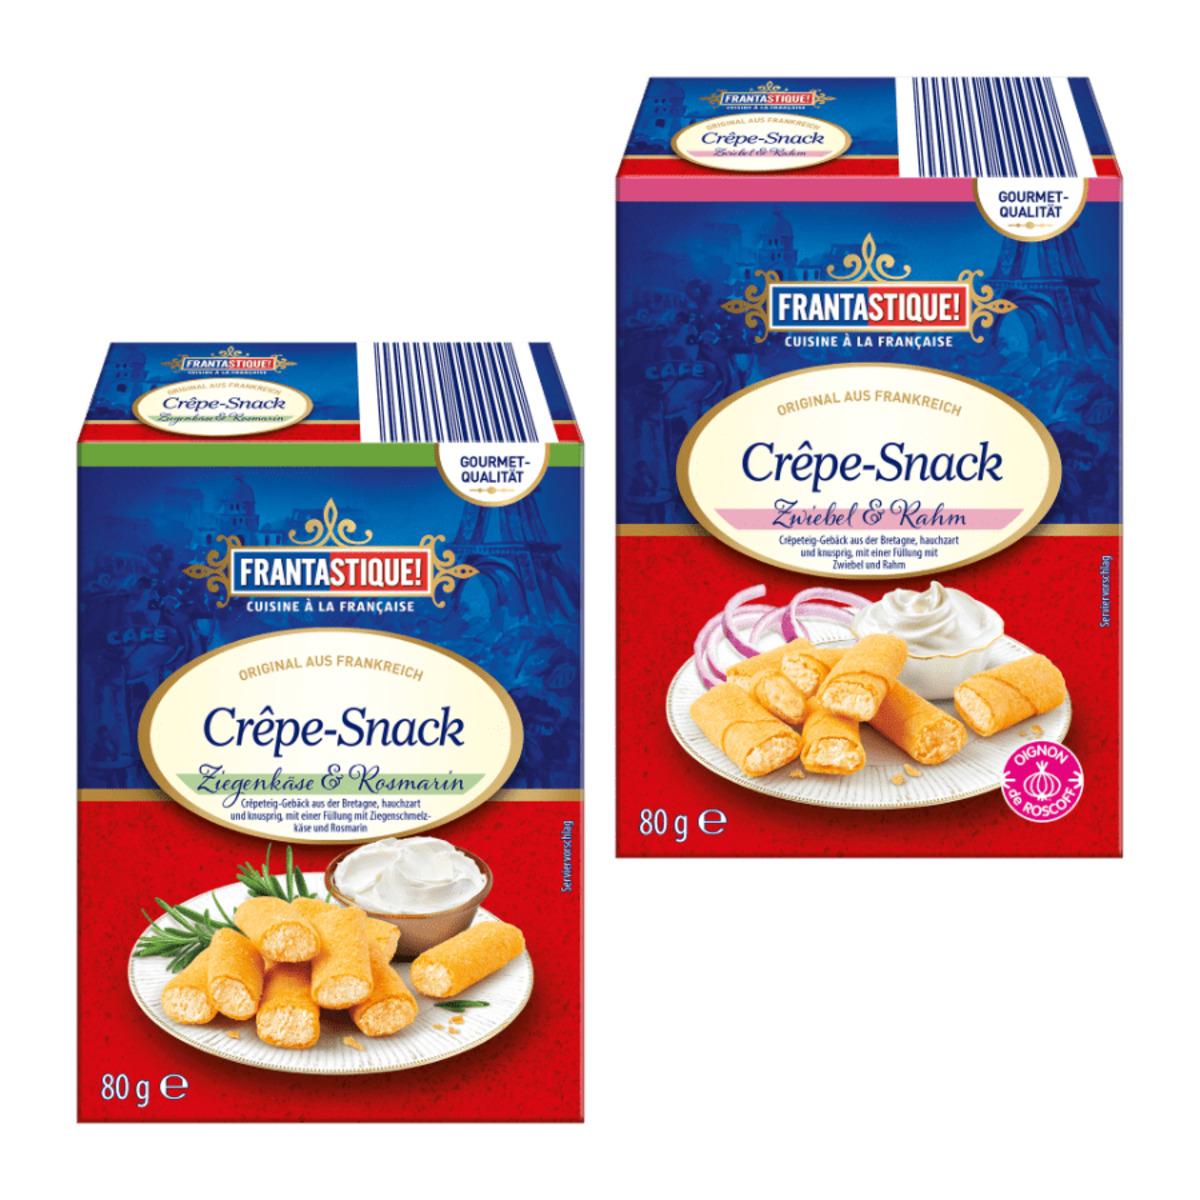 Bild 1 von FRANTASTIQUE!     Crêpe-Snack